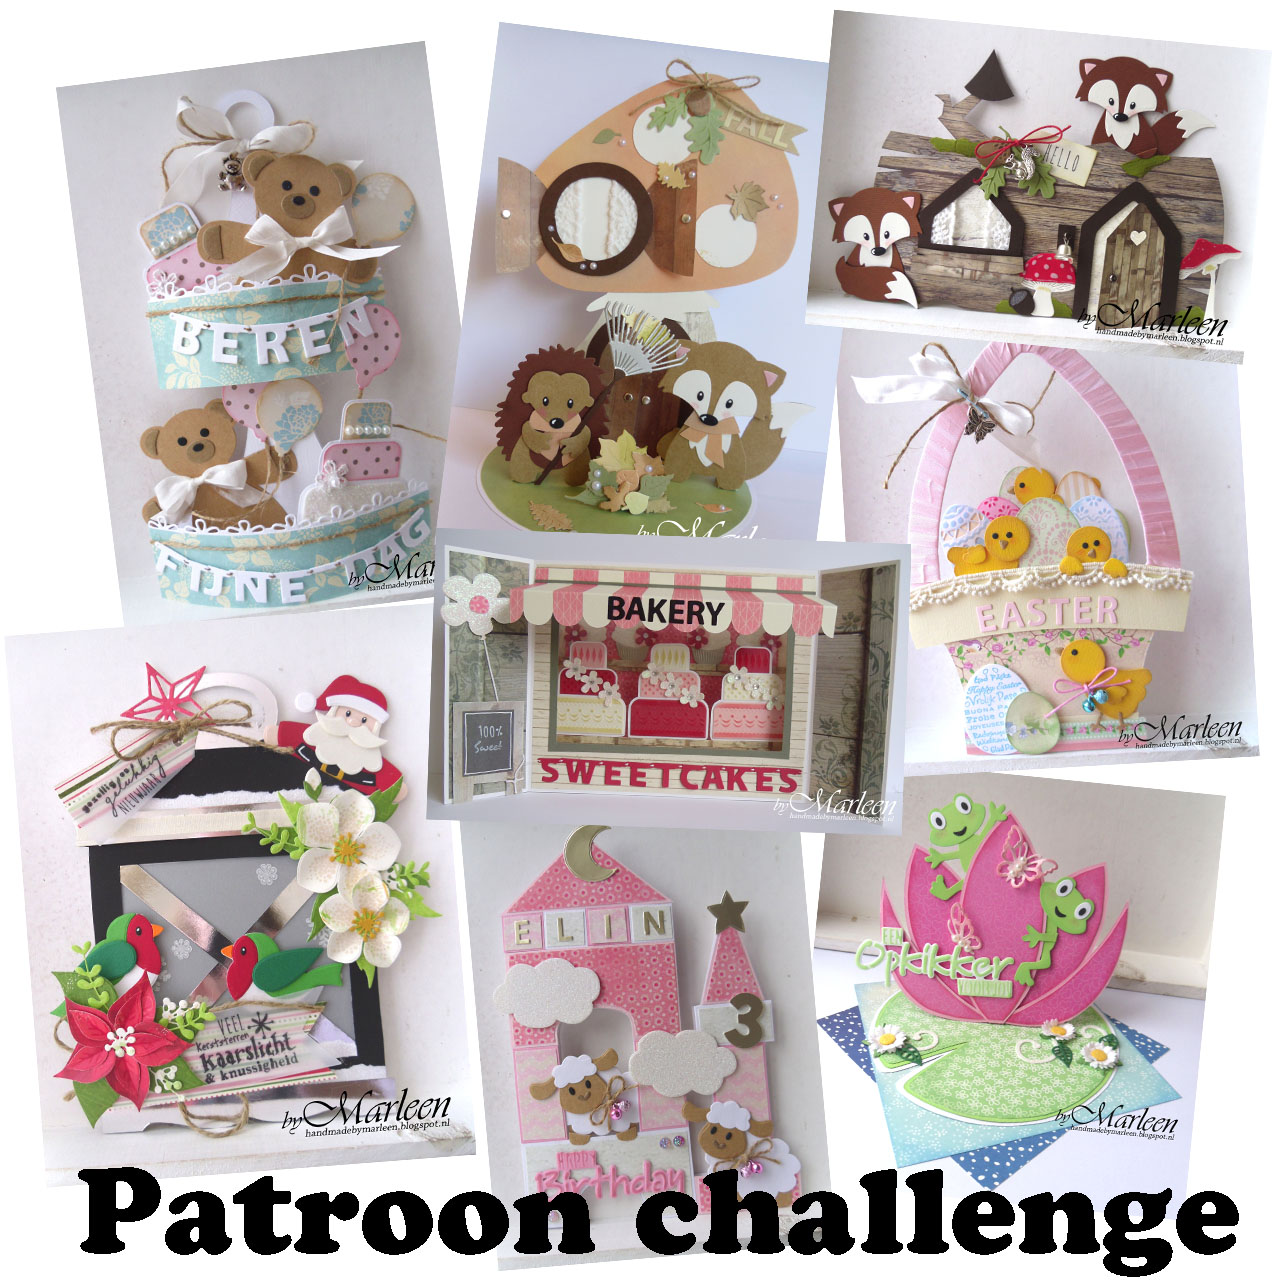 Patroon challenge bij Marleen gewonnen!